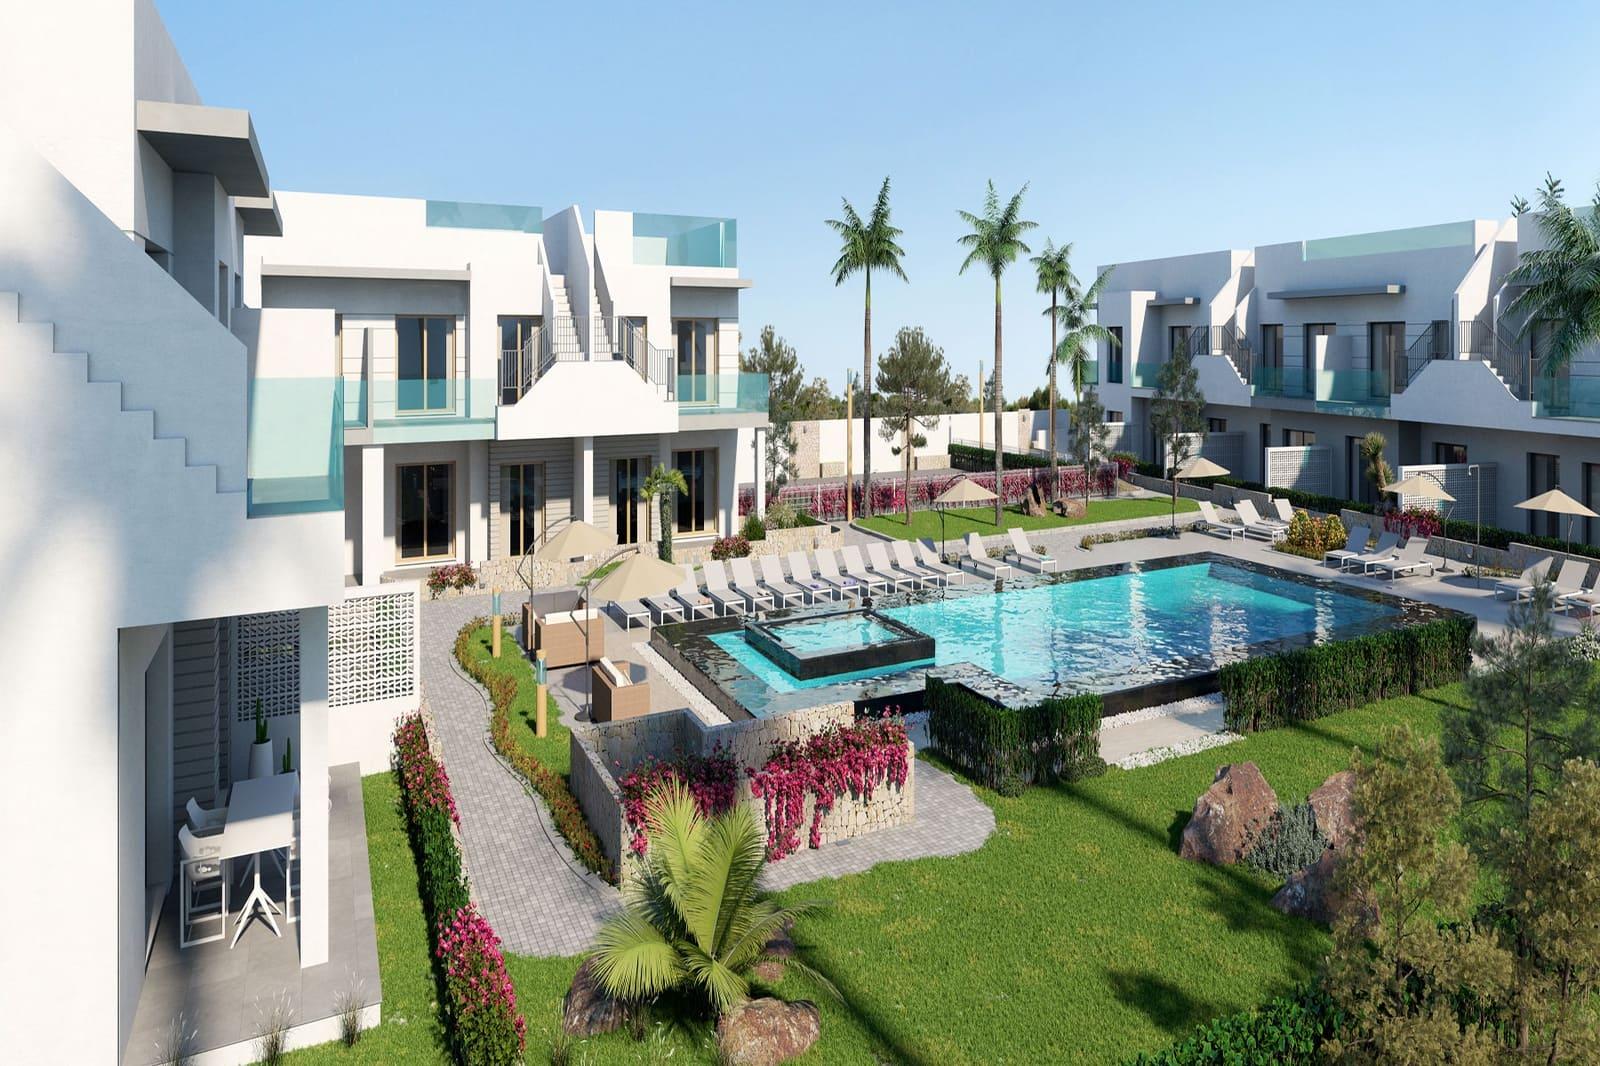 Apartamento de 3 habitaciones en Pilar de la Horadada en venta - 162.000 € (Ref: 4913061)